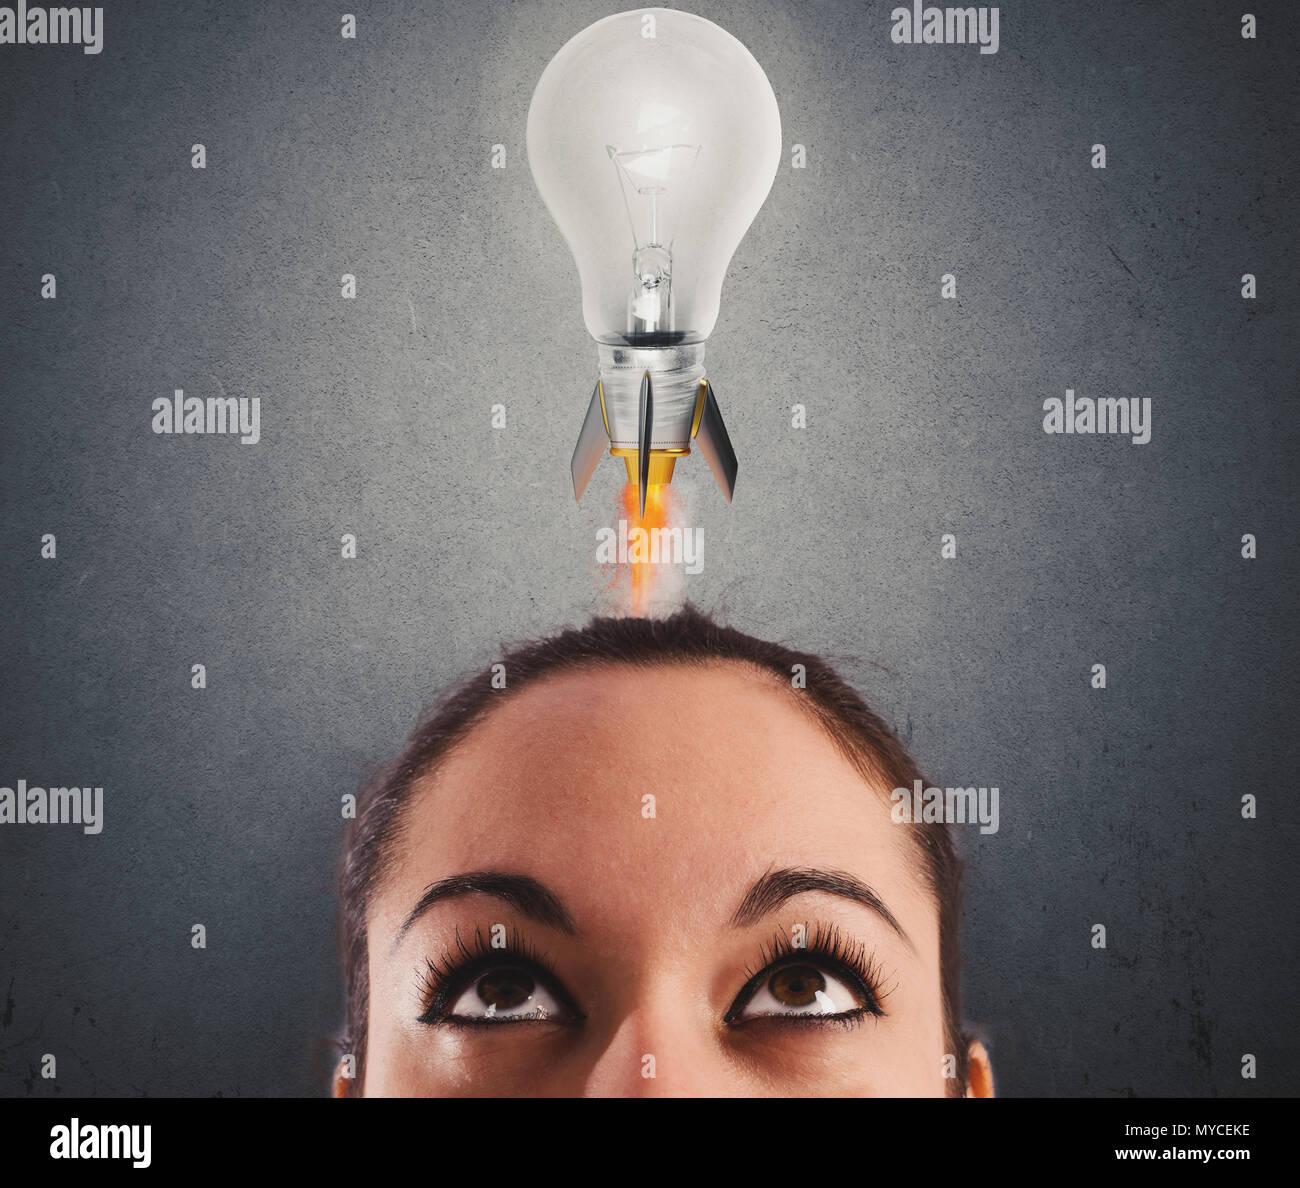 Schnelle Glühbirne wie eine Rakete bereit zu fliegen. Konzept der neuen super Idee Stockbild